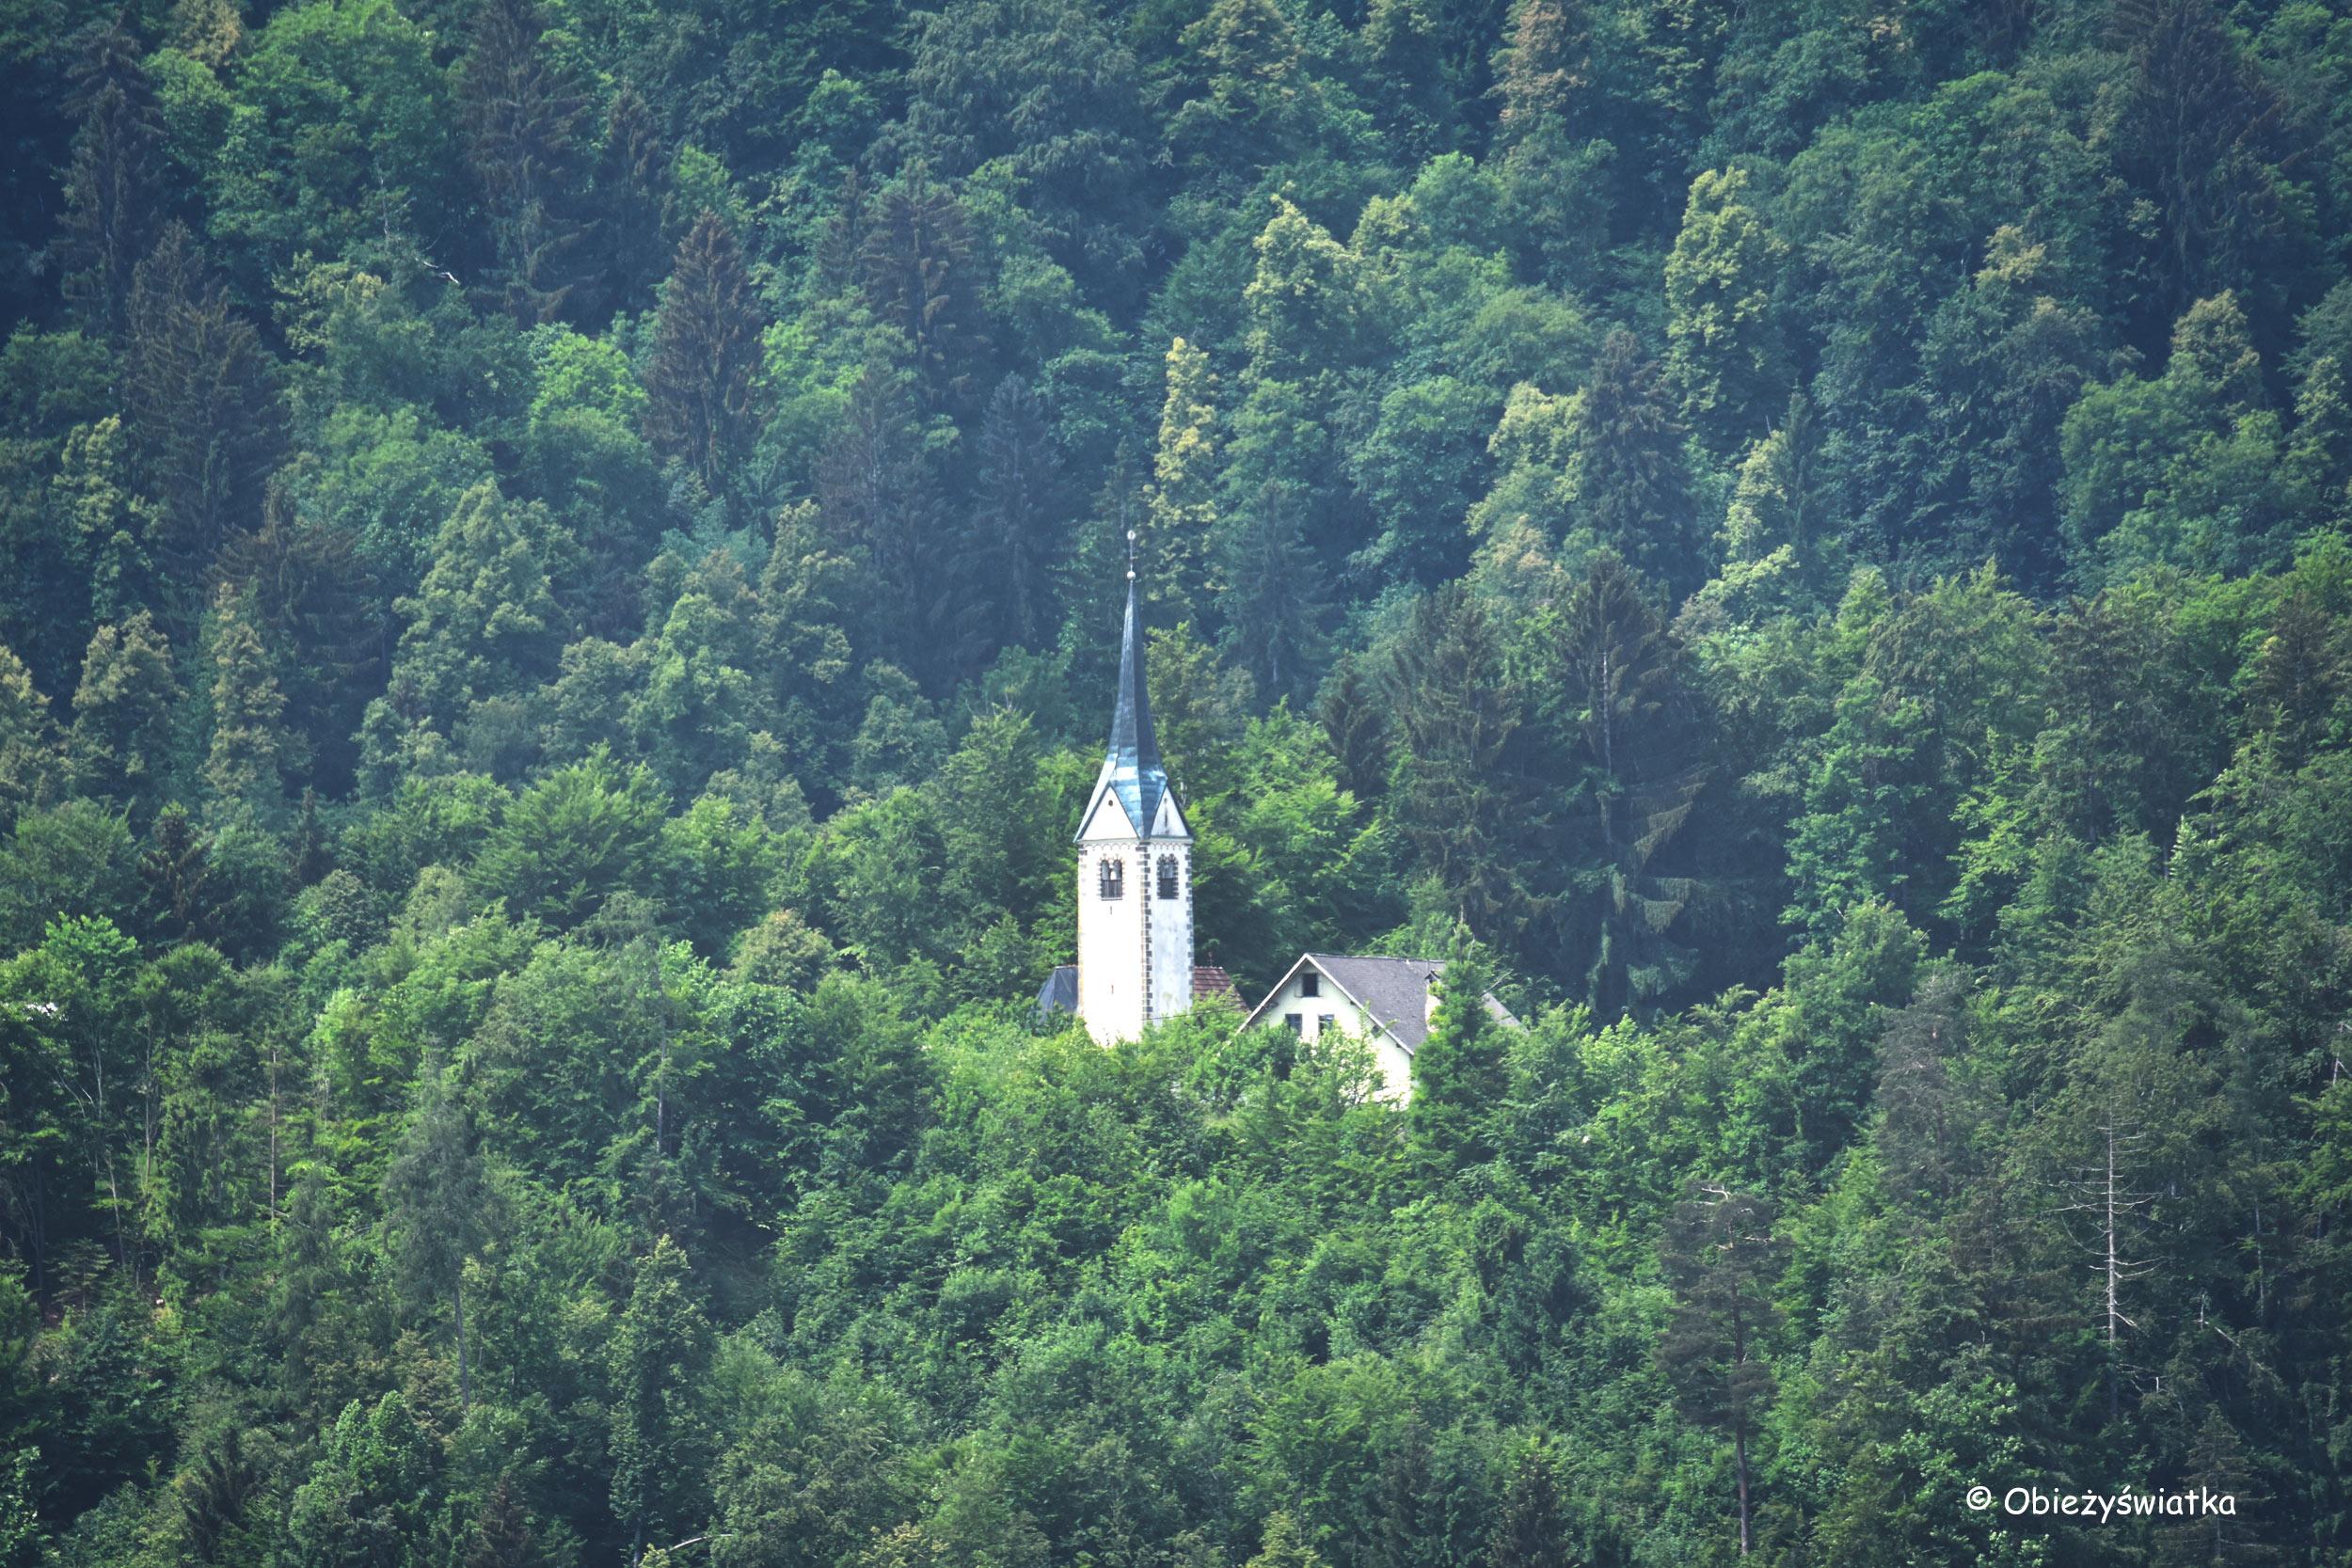 Kościół św. Lamberta, widok z Radovlijcy, Słowenia